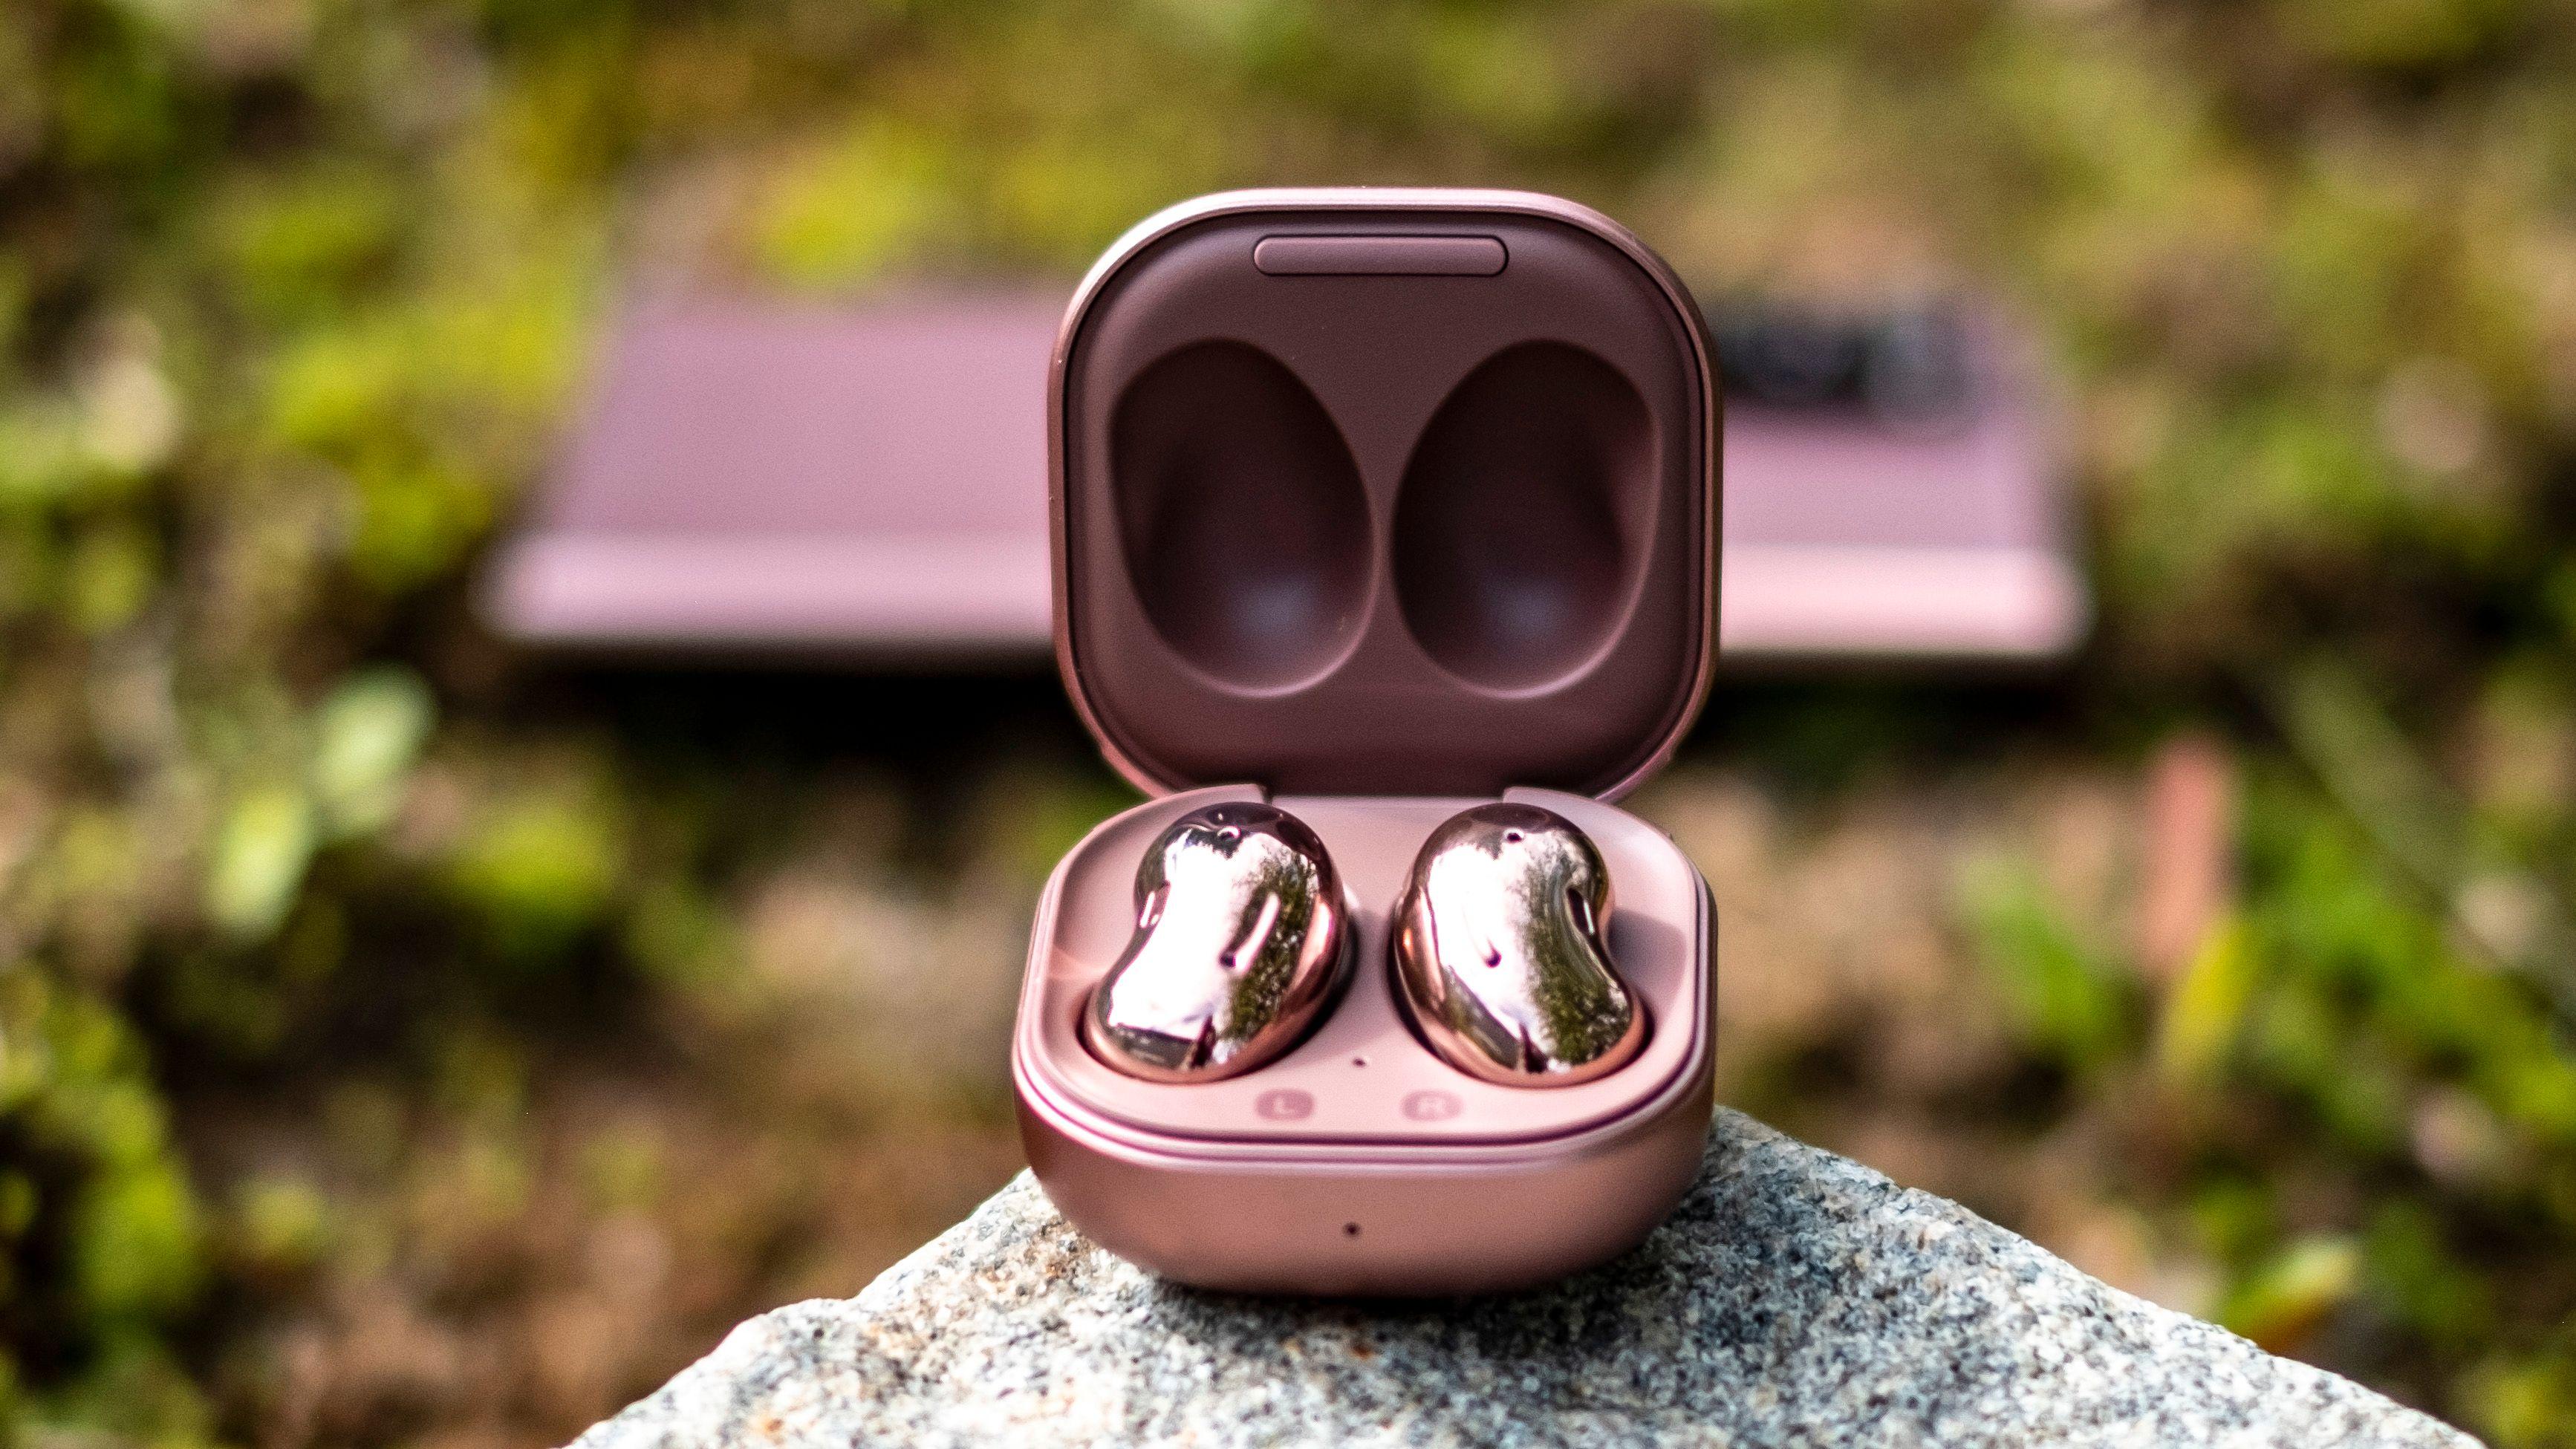 Galaxy Buds Live er en helt ny måte å lage og bruke ørepropper på. Og selv om dette er første generasjon av en ny type produkter treffer Samsung så godt at disse ørepluggene bør passe de fleste - også de som ikke har problemer med tradisjonelle propper.